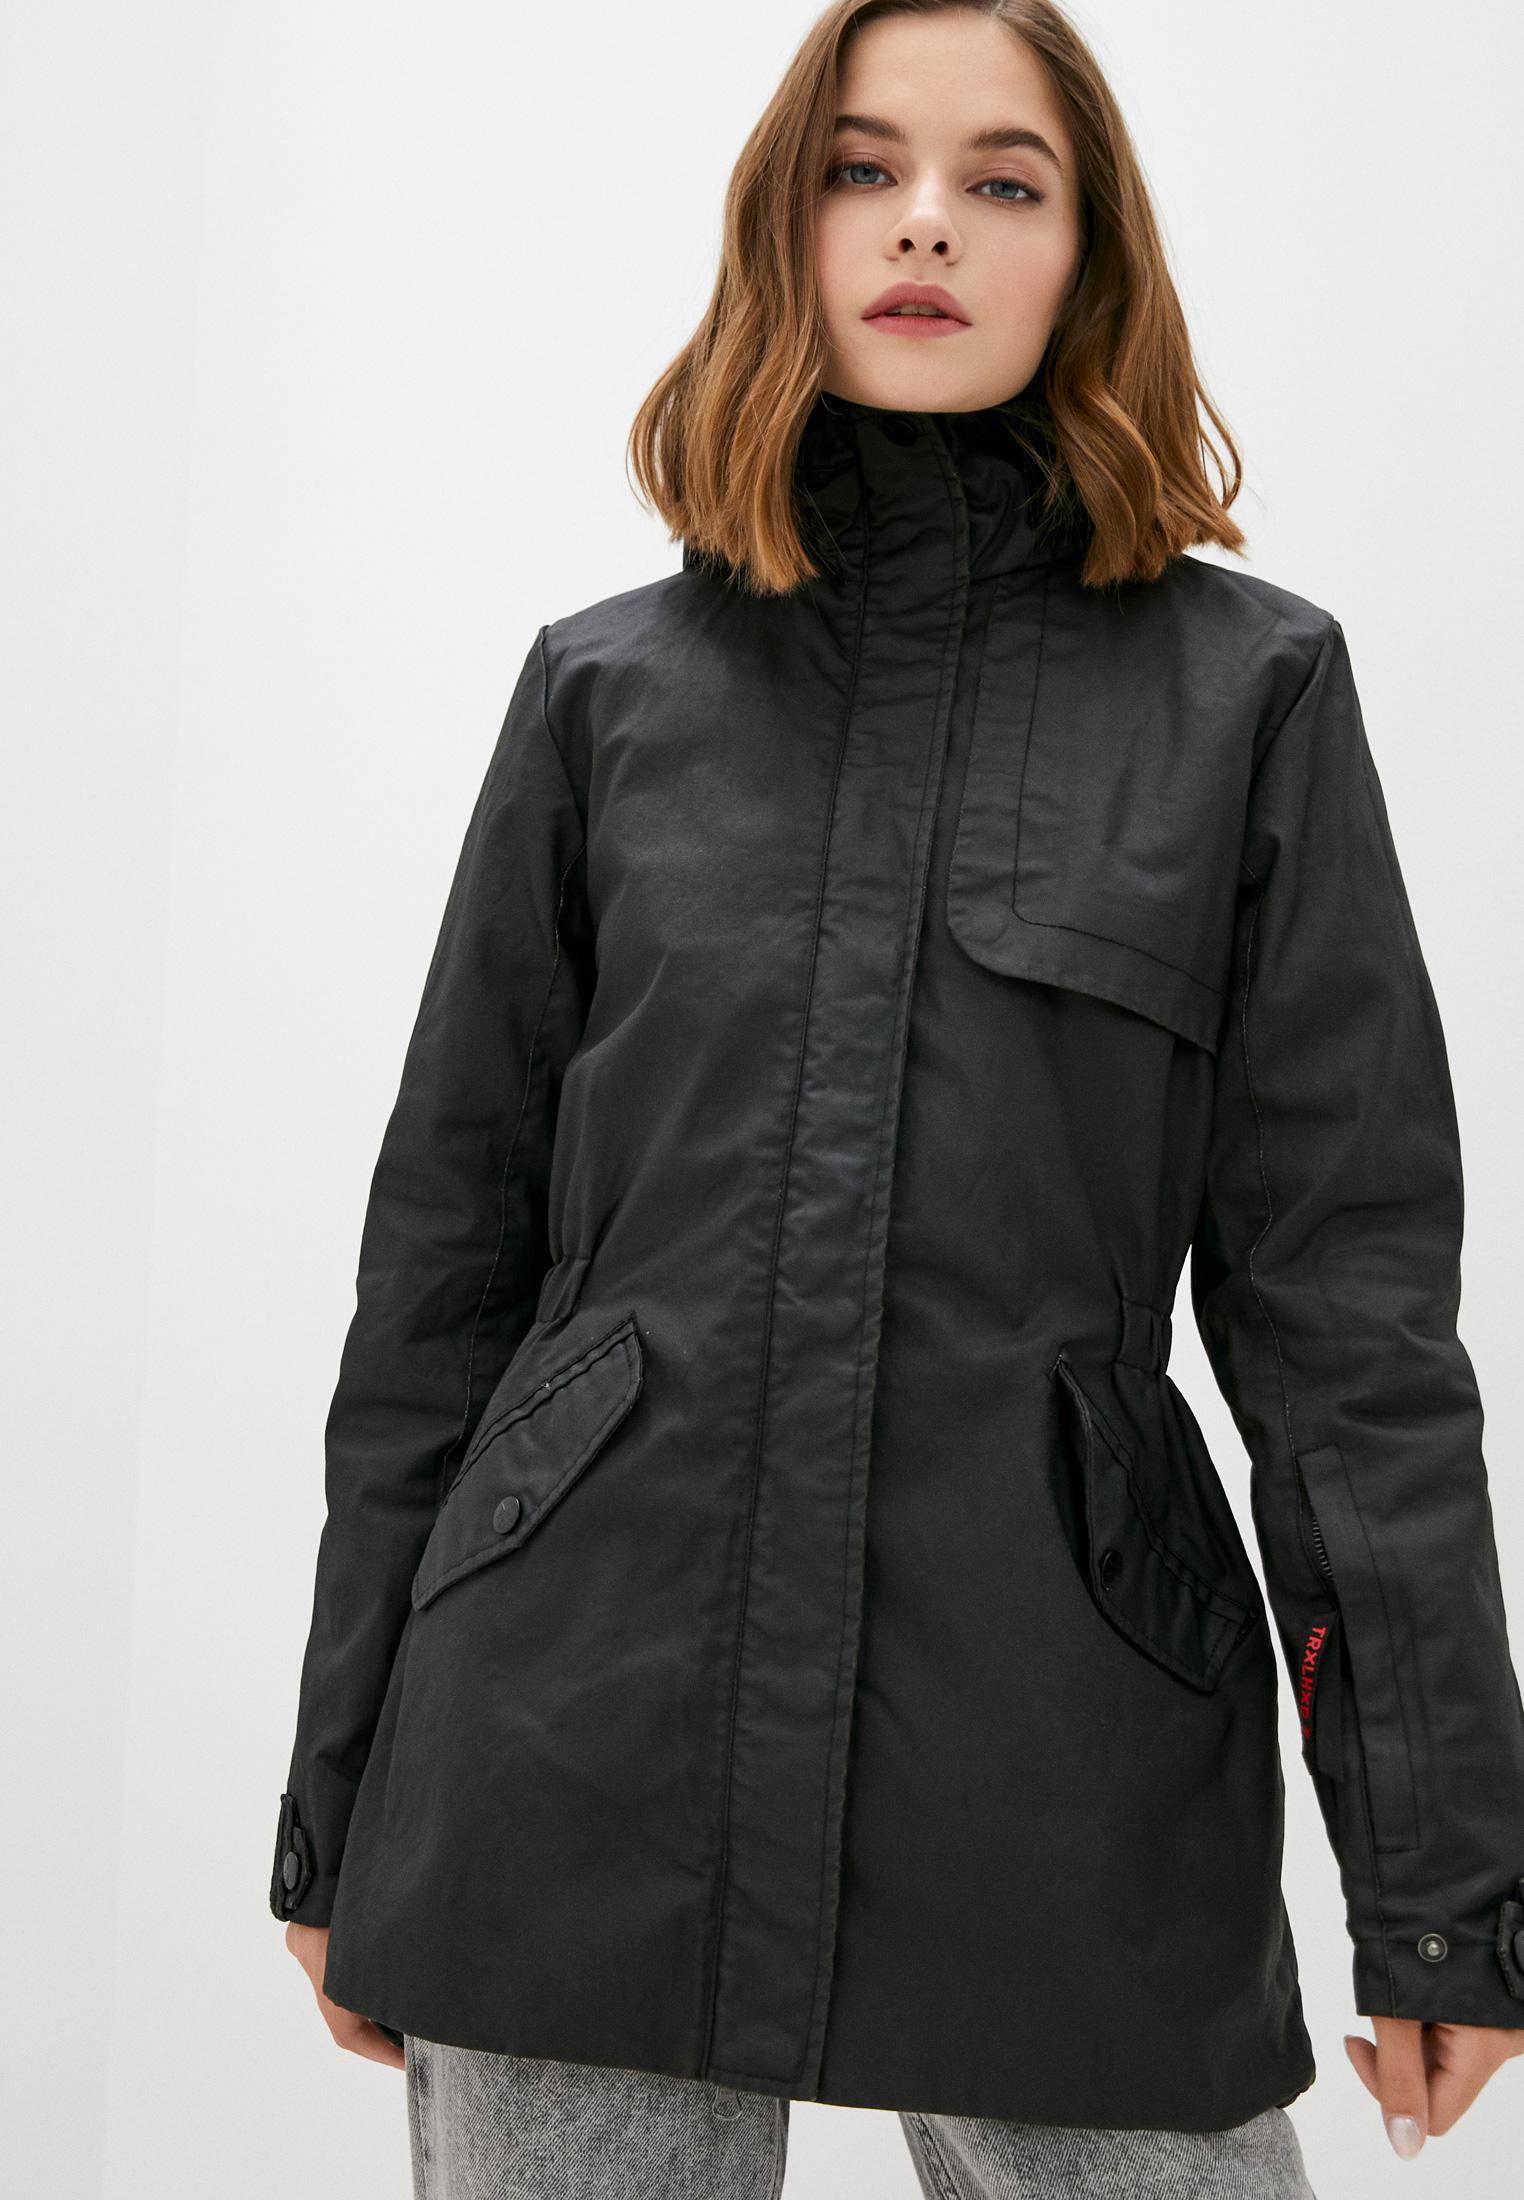 Женская верхняя одежда Trailhead WJK552